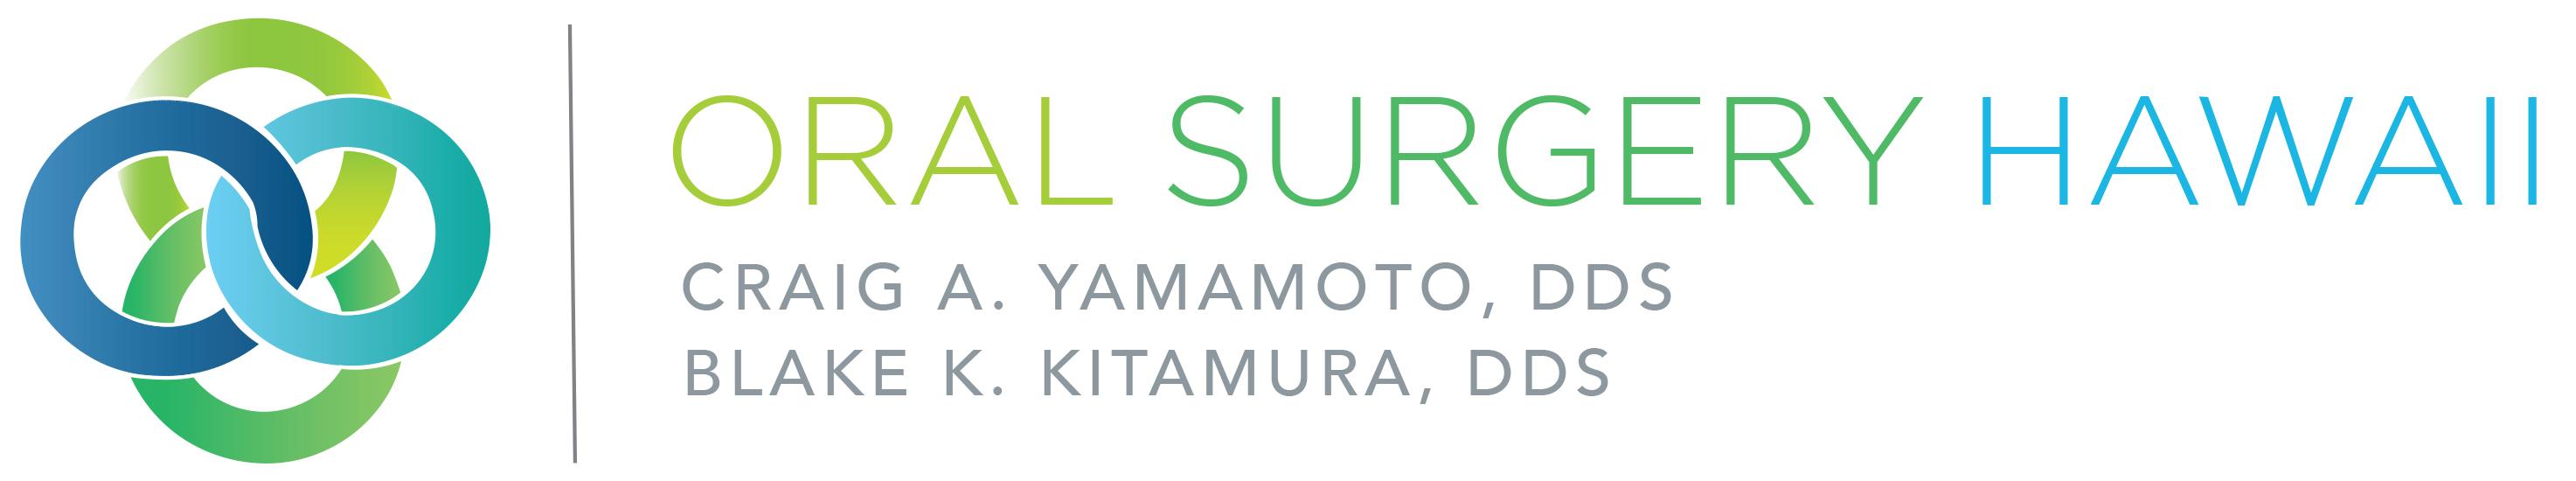 Oral Surgery Hawaii